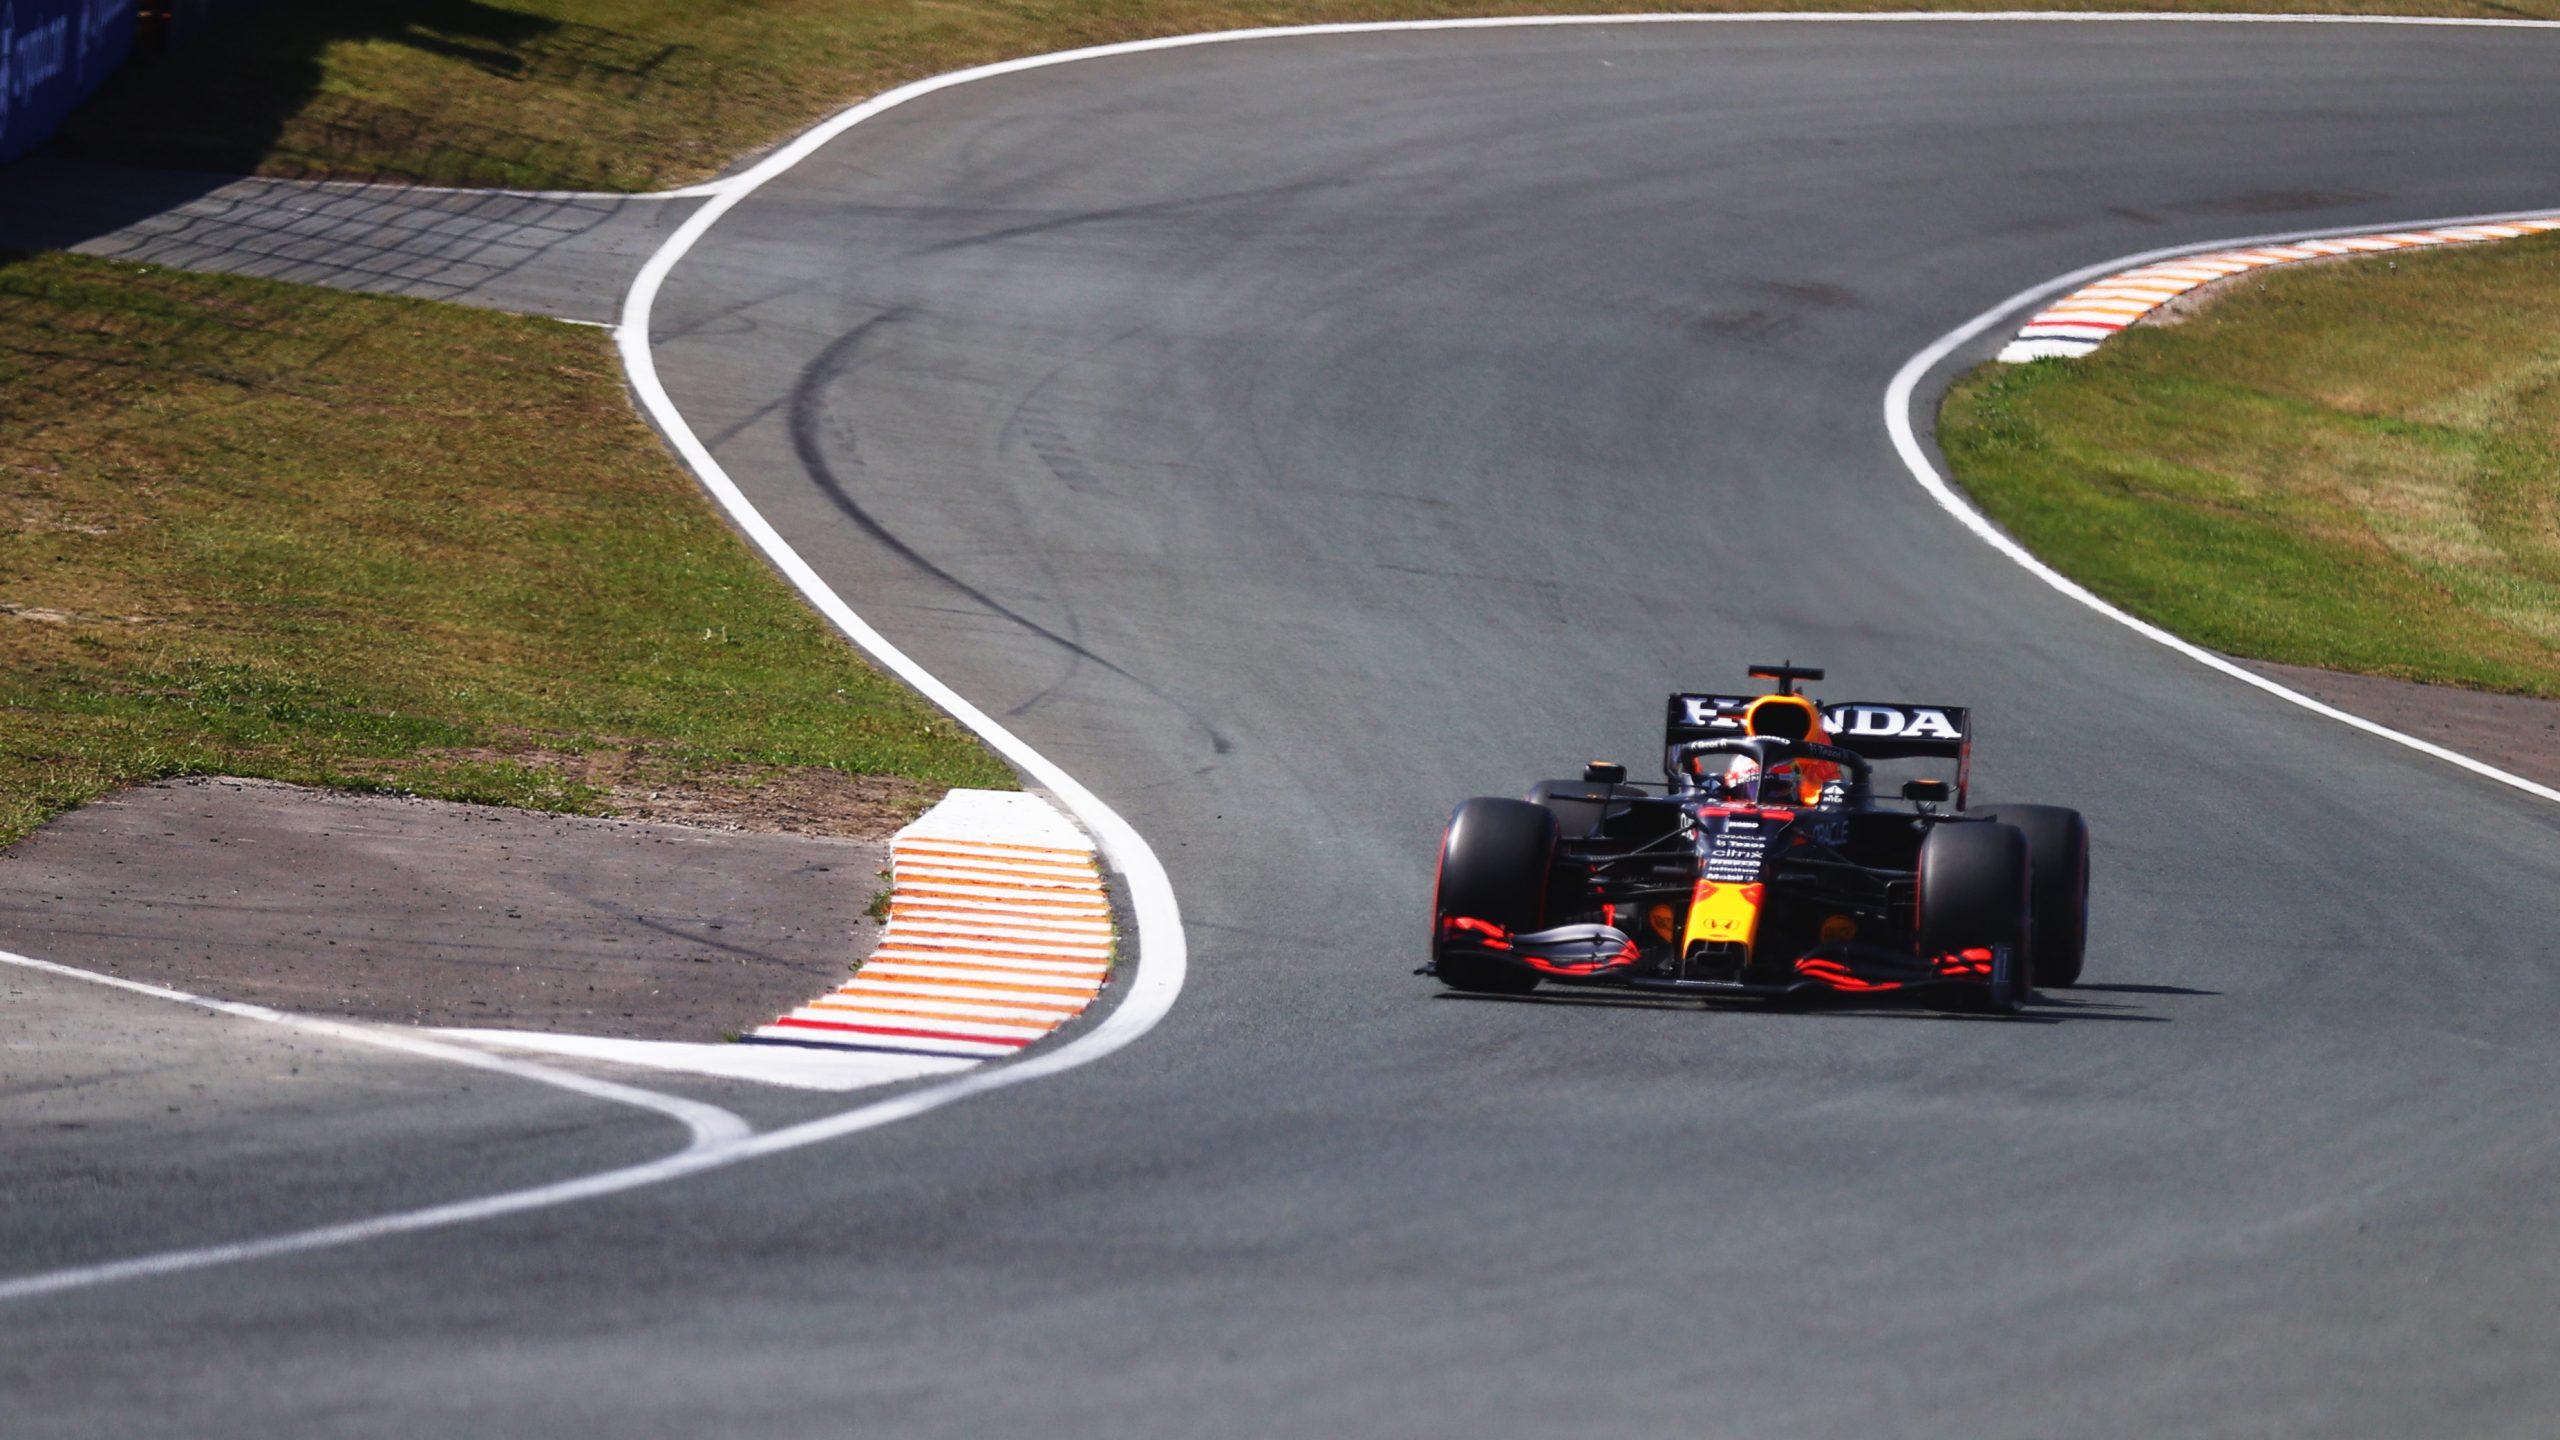 Qualifiche, Gp Olanda: Pole Position di Max Verstappen, davanti a Hamilton e Bottas. Ferrari 5° e 6°.